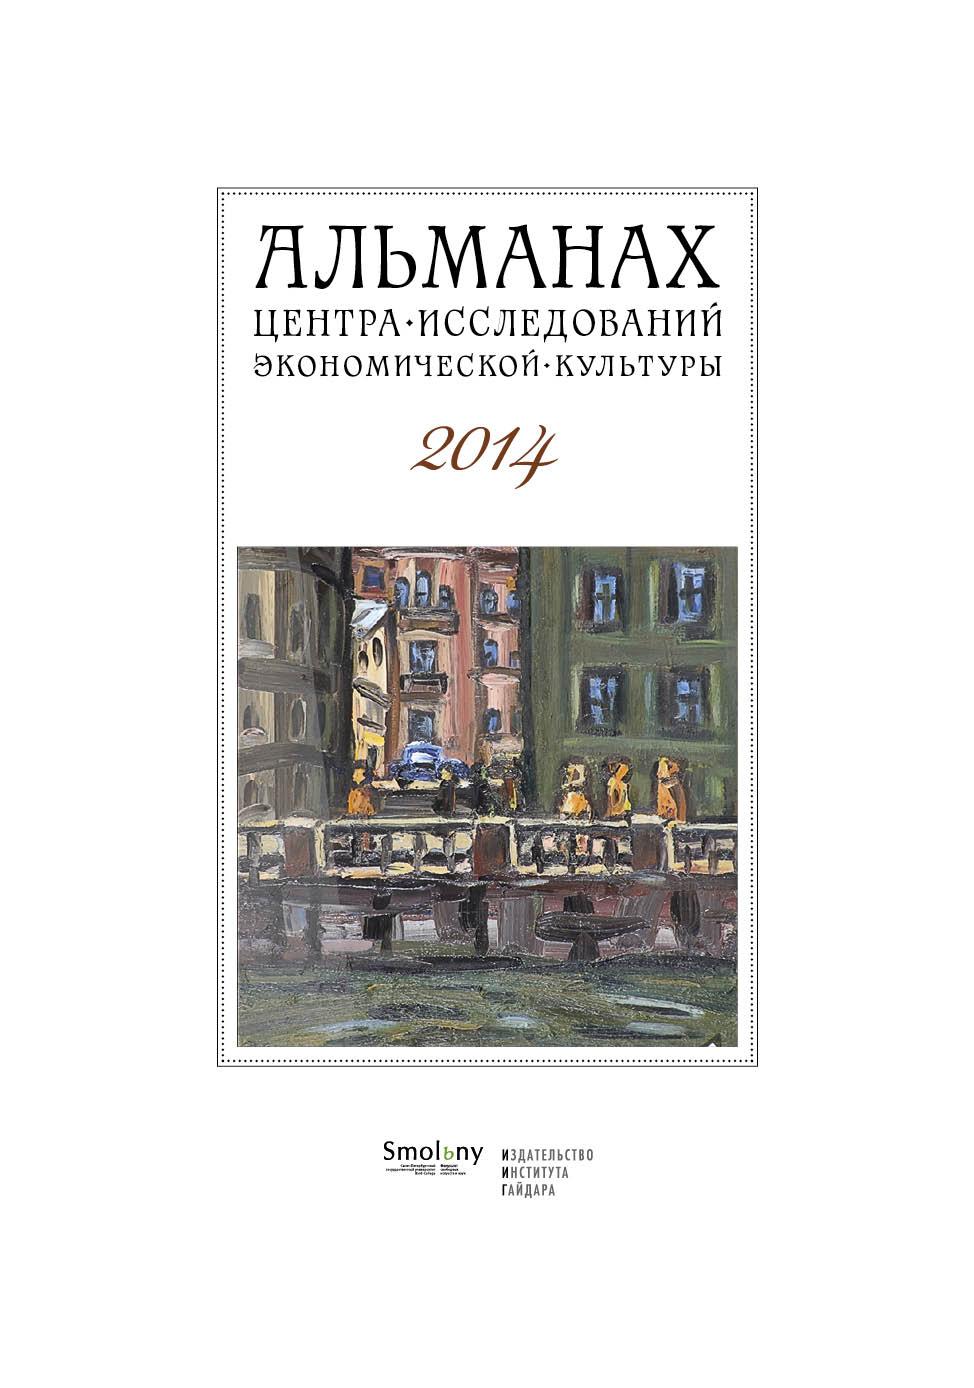 Альманах Центра исследований экономической культуры факультета свободных искусств и наук 2014